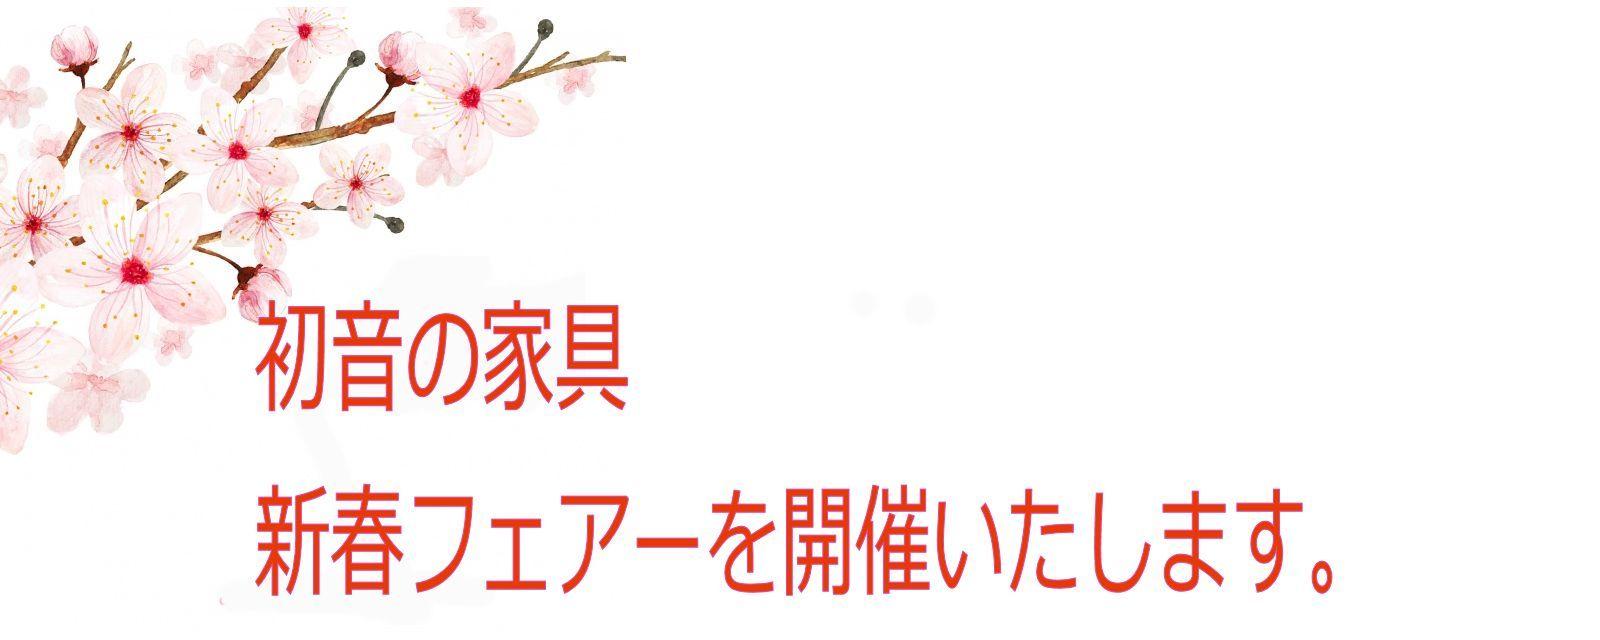 初音の家具 新春フェアーを開催いたします。